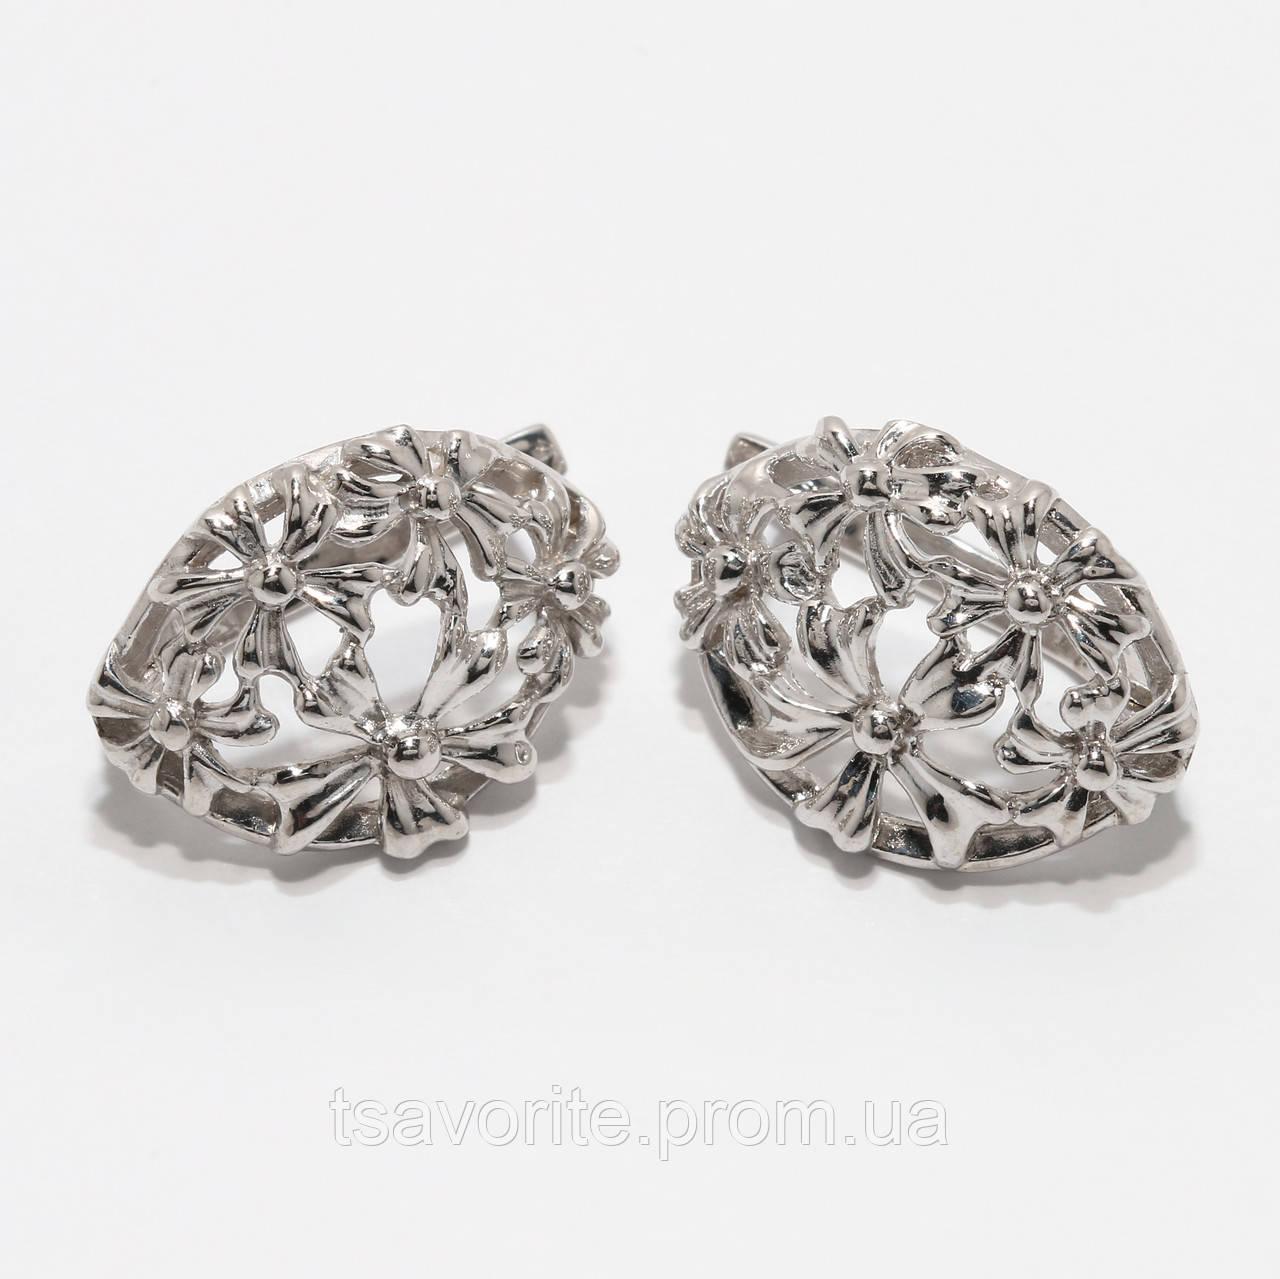 Серебряные серьги 130КН